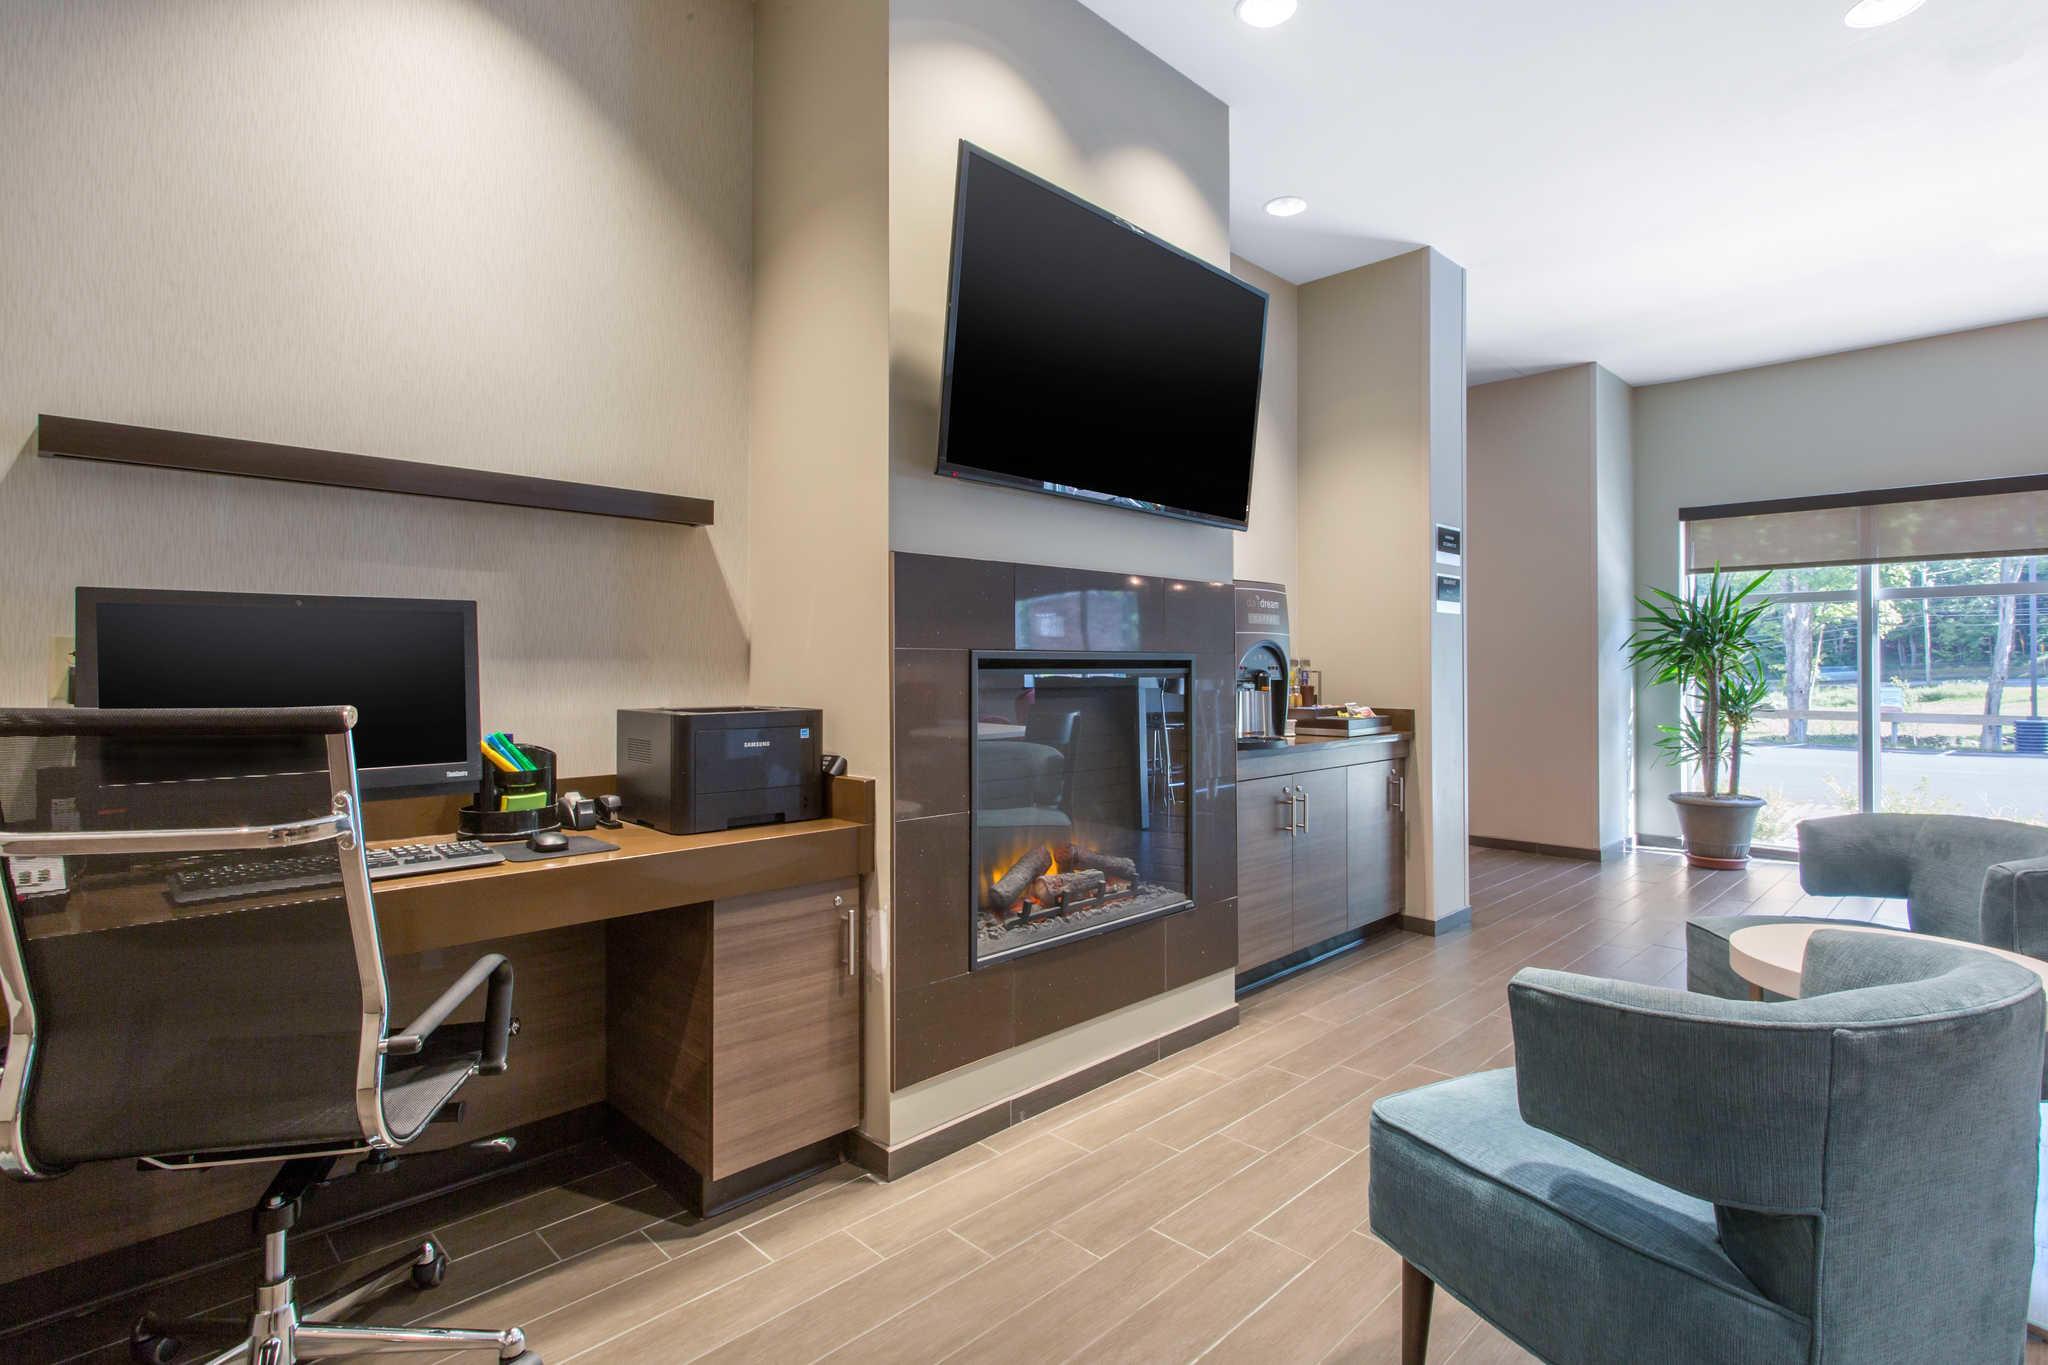 Sleep Inn & Suites Monroe - Woodbury image 31